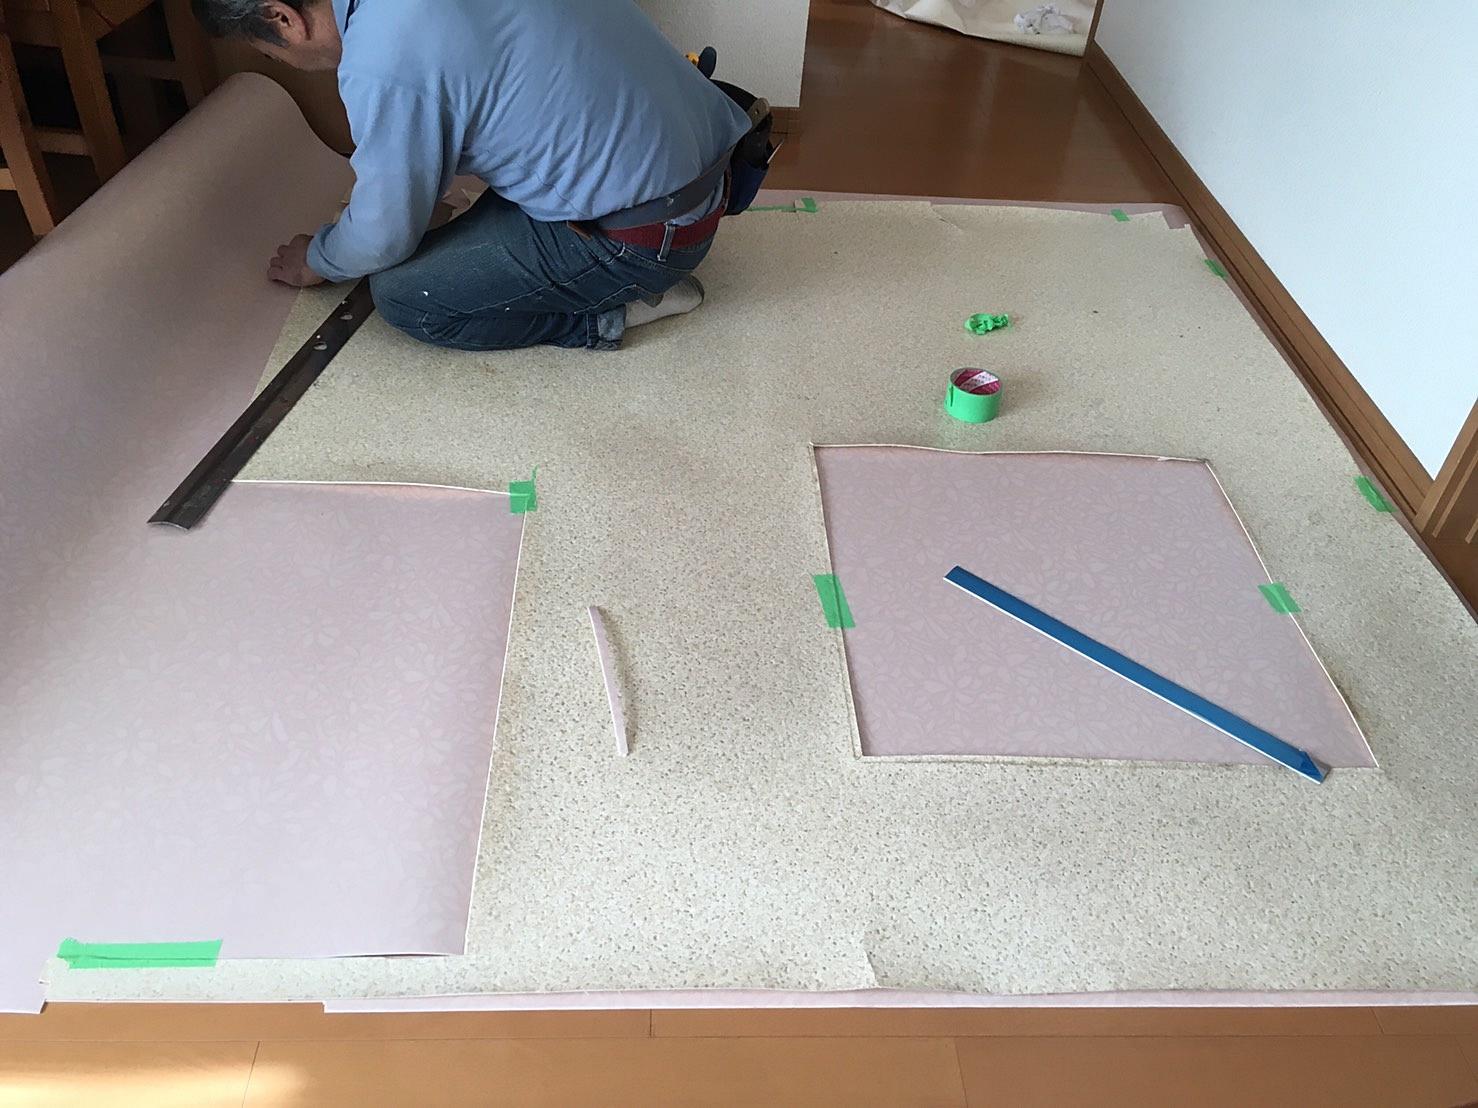 洗面所床リフォーム 新規床材採寸&カット.JPG